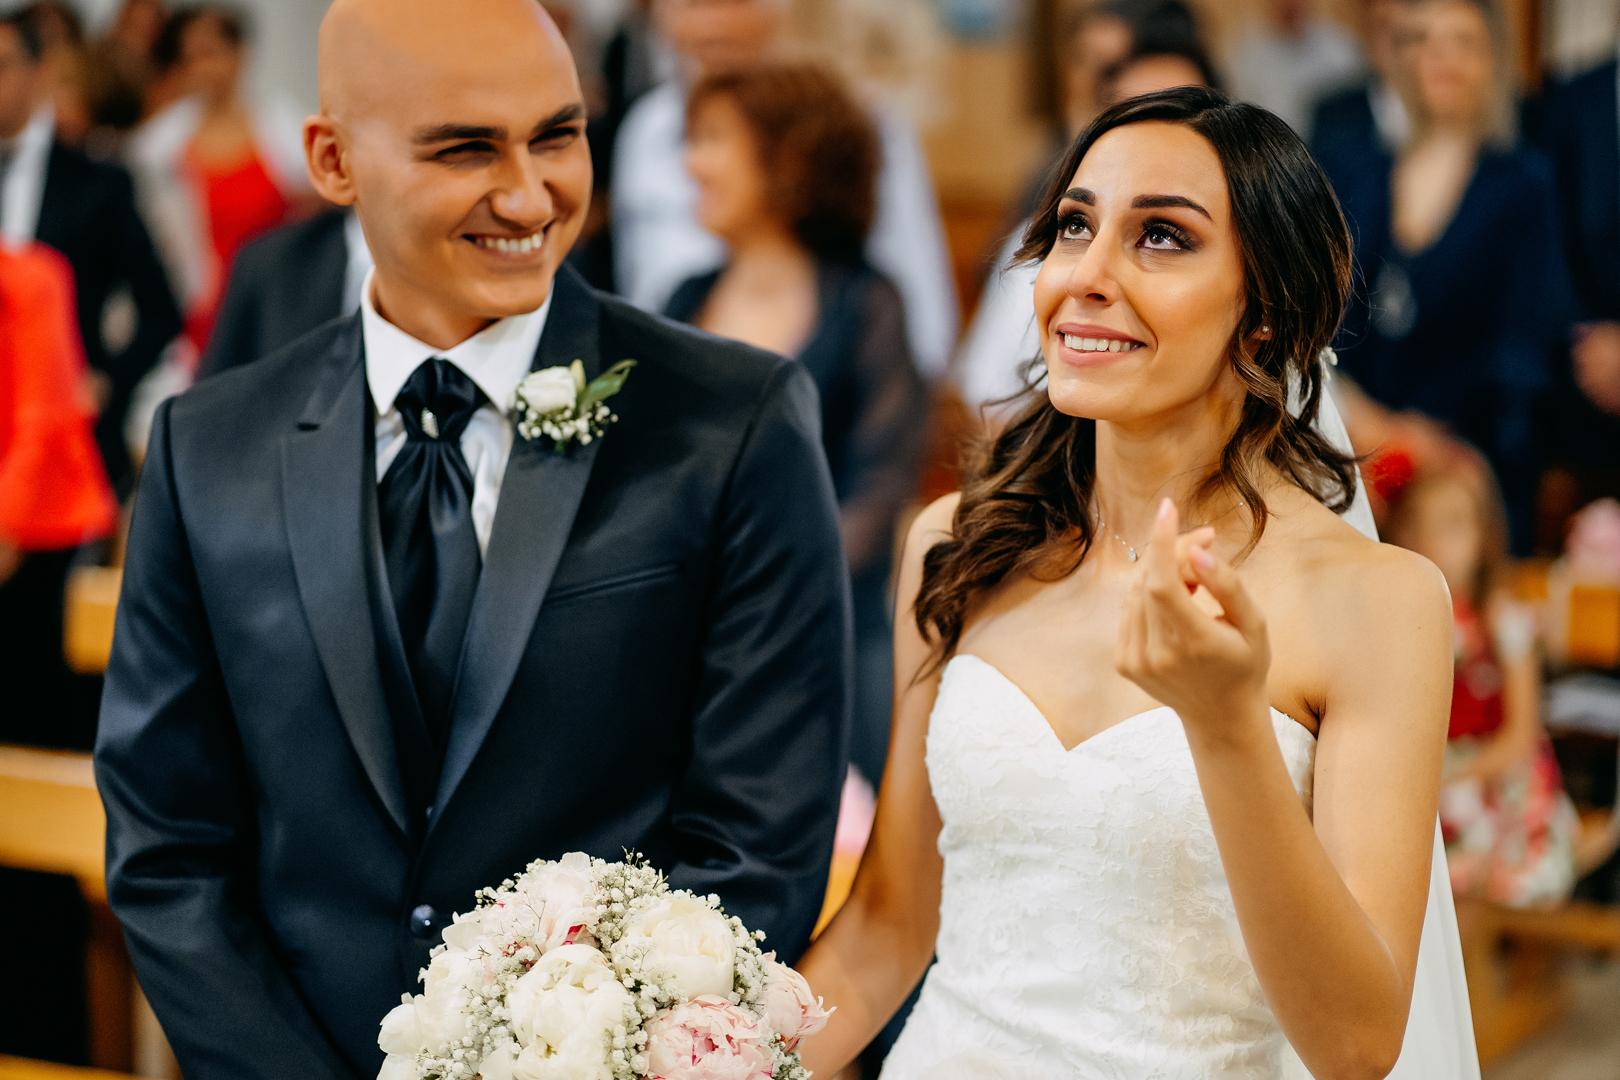 17 gianni-lepore-emozione-sposa-chiesa